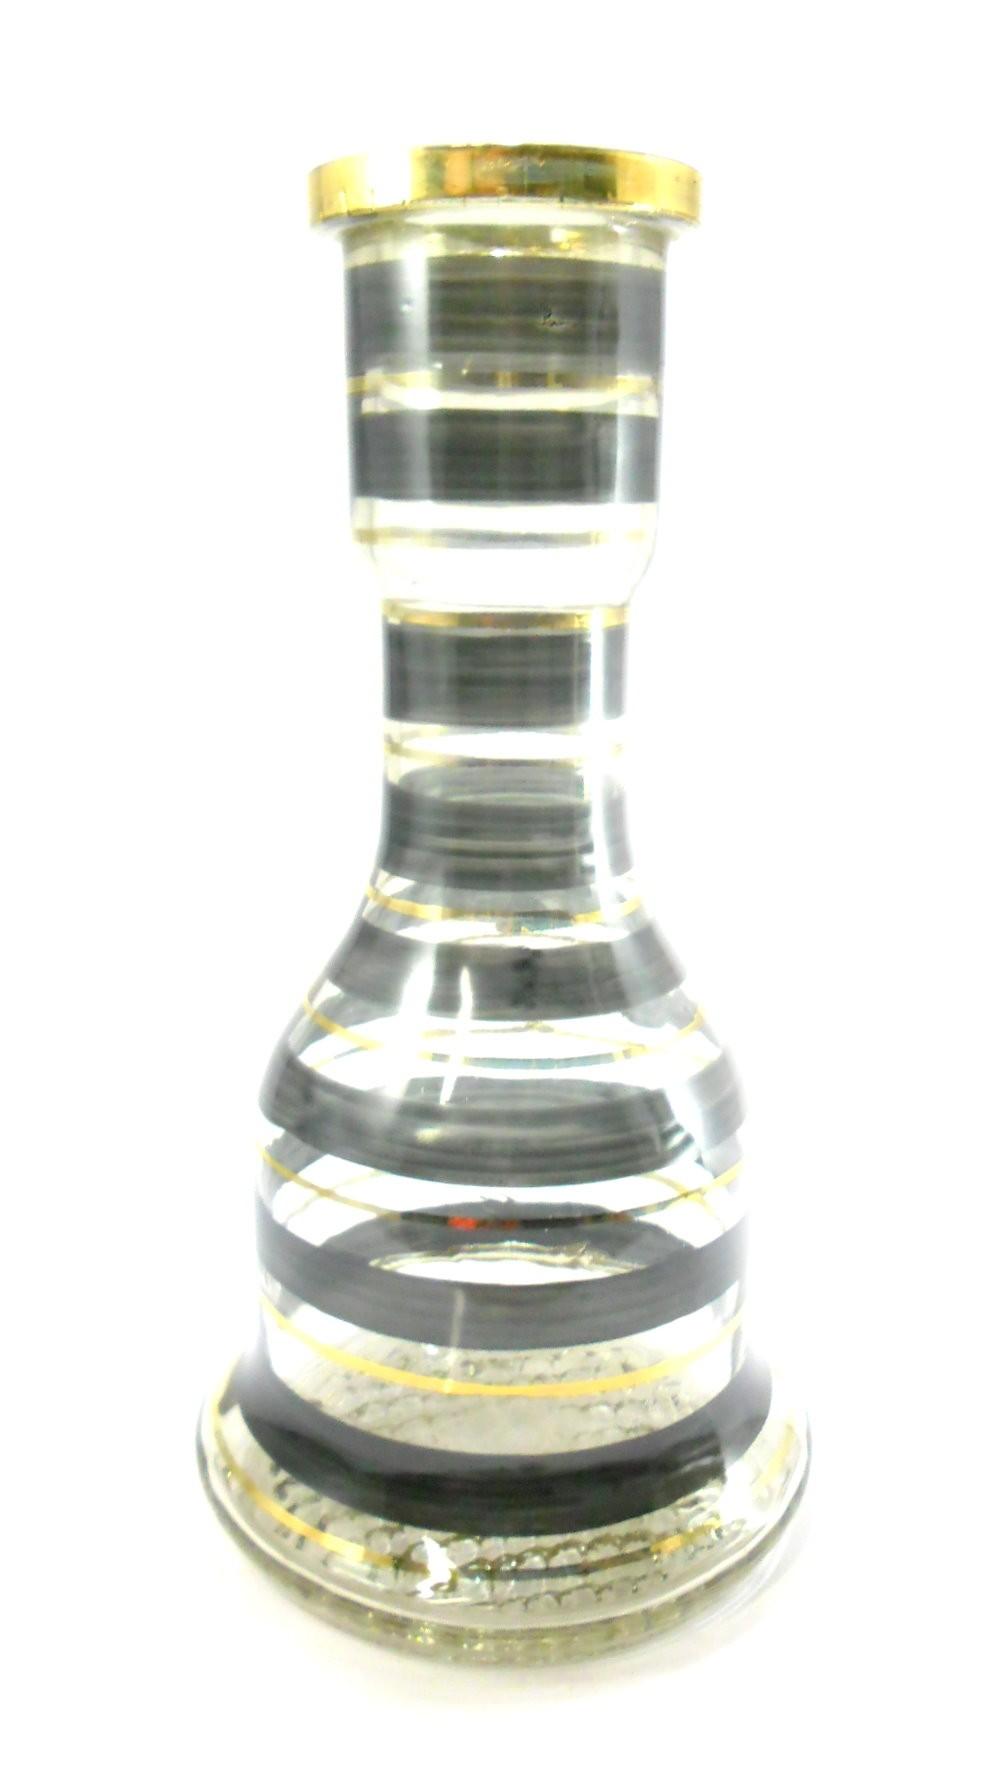 Stem Triton UP e vaso listrado PRETO E DOURADO, prato Pérsia Ouro Velho centro prata. Kit vedações.